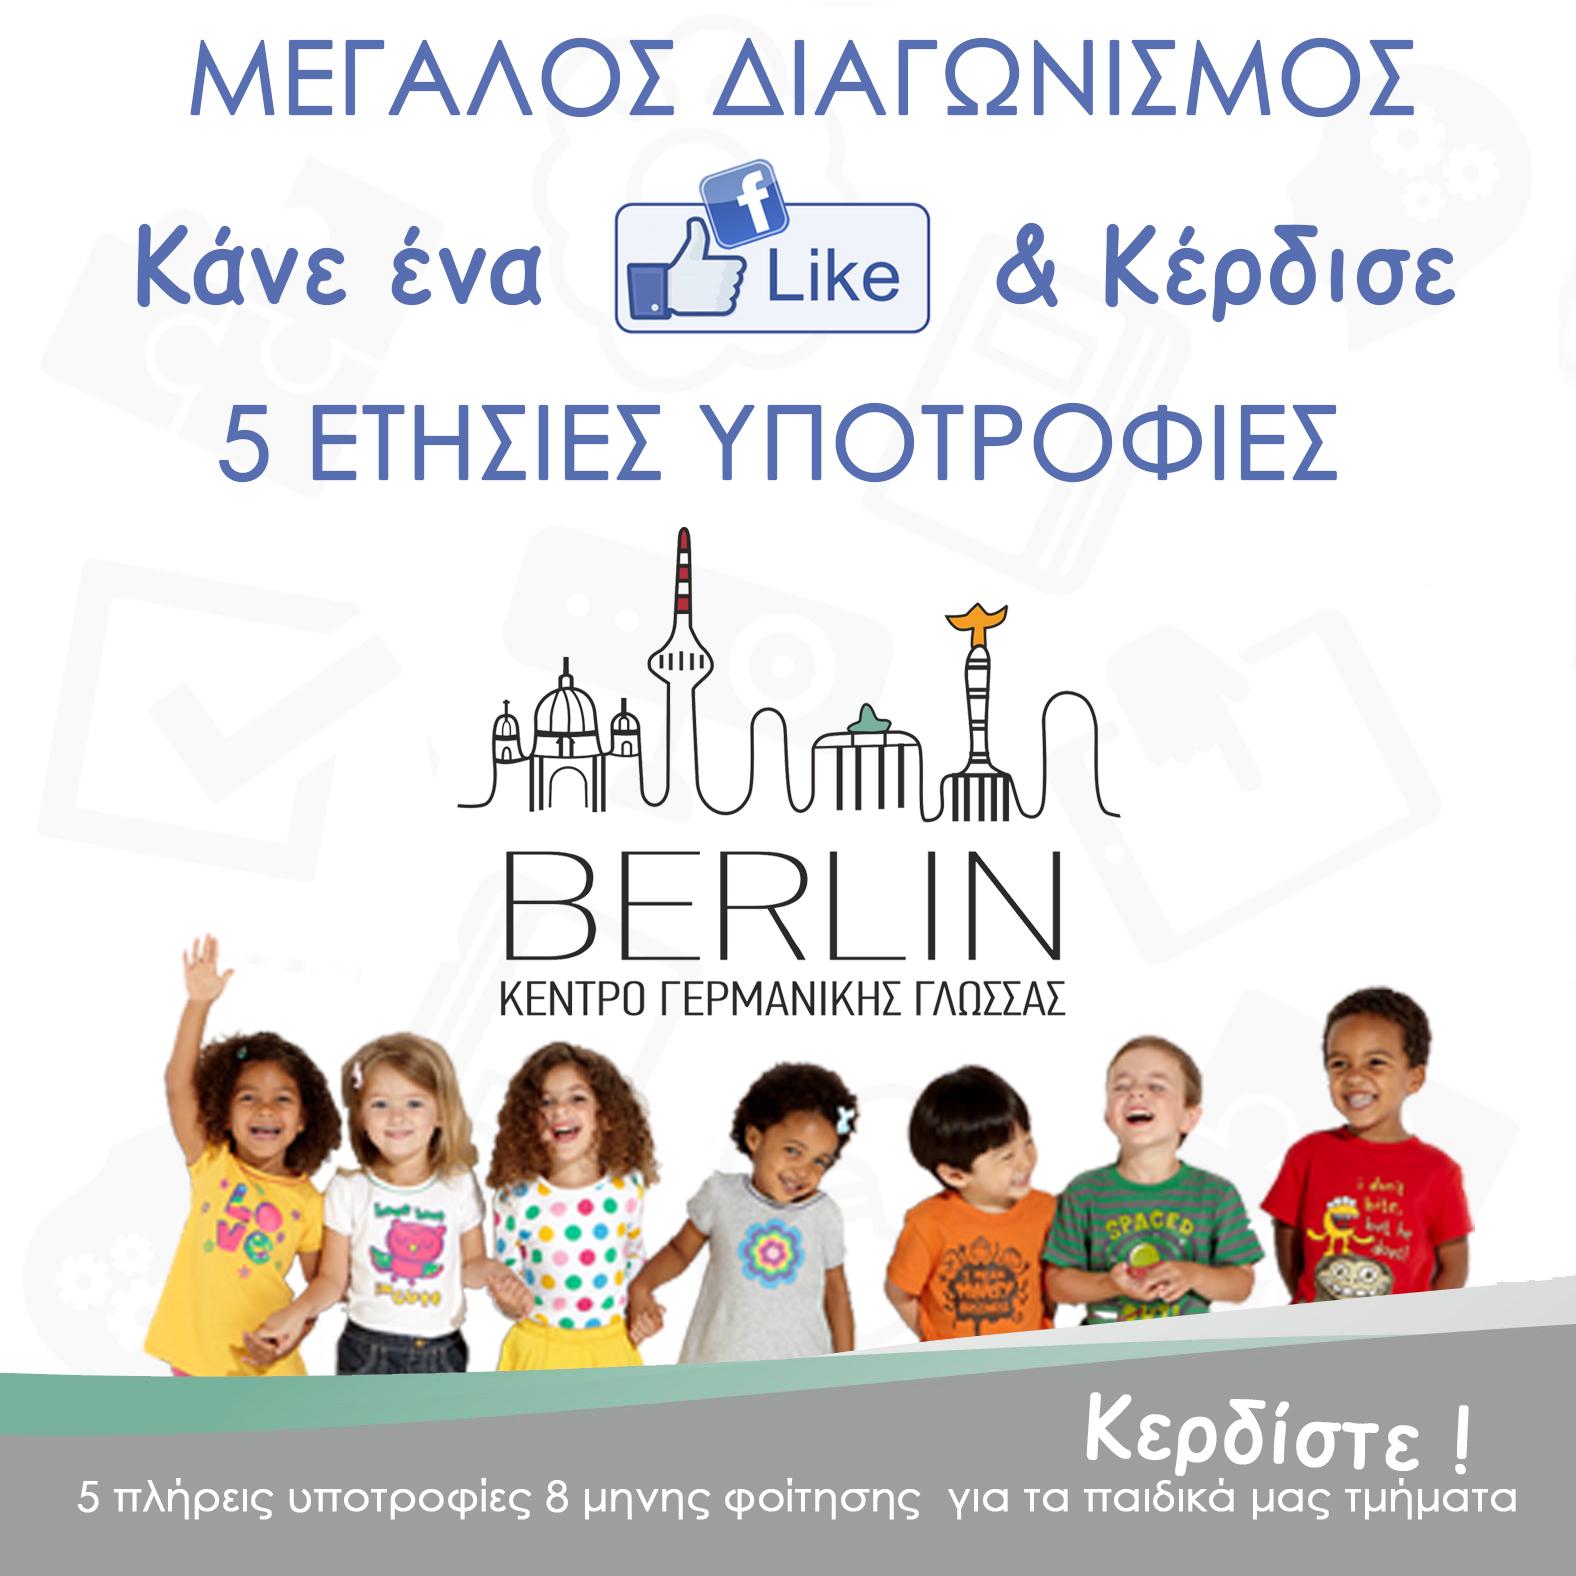 ΜΕΓΑΛΟΣ ΔΙΑΓΩΝΙΣΜΟΣ! Κερδίστε υποτροφίες για την εκμάθηση Γερμανικών!